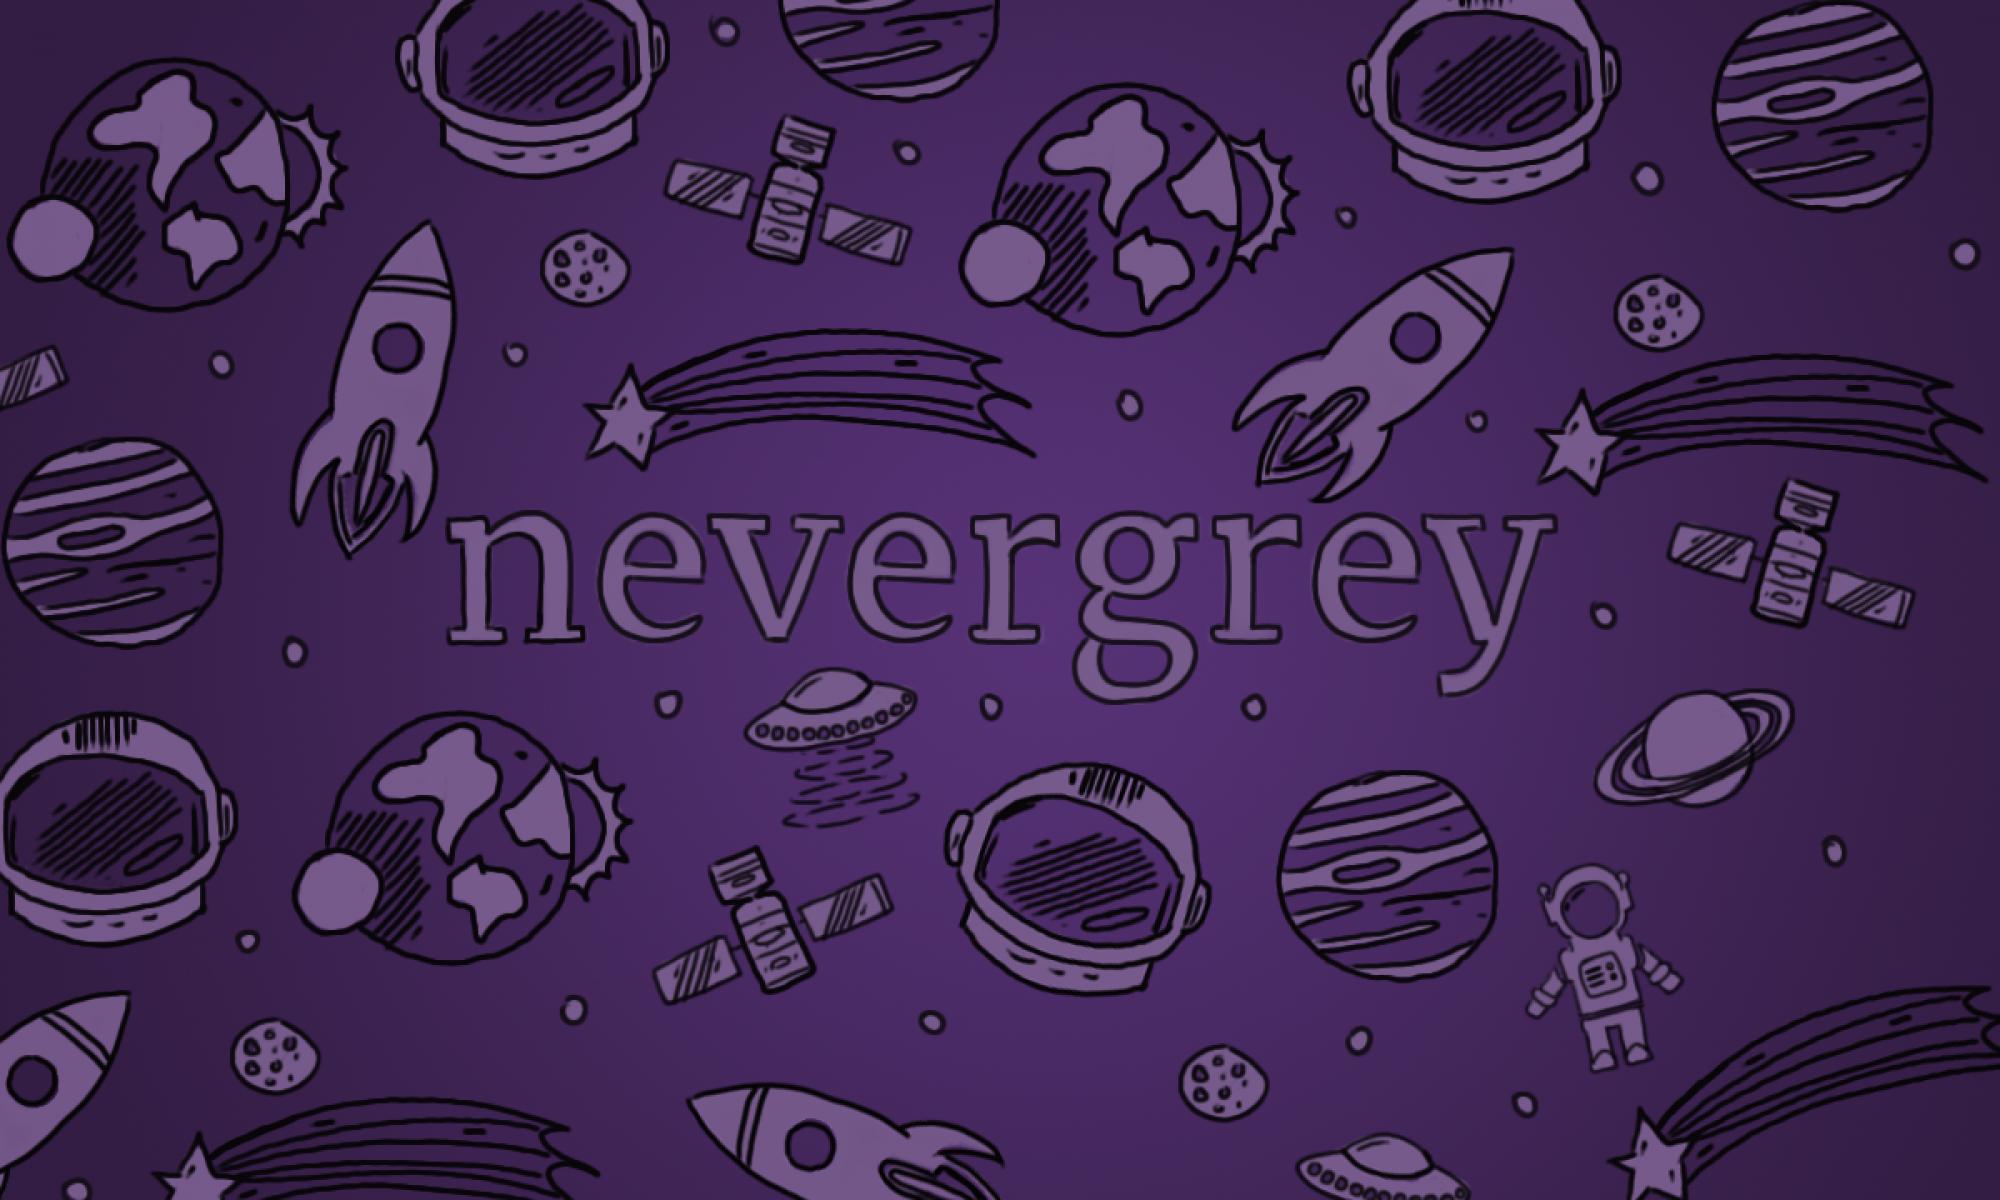 Nevergrey Space